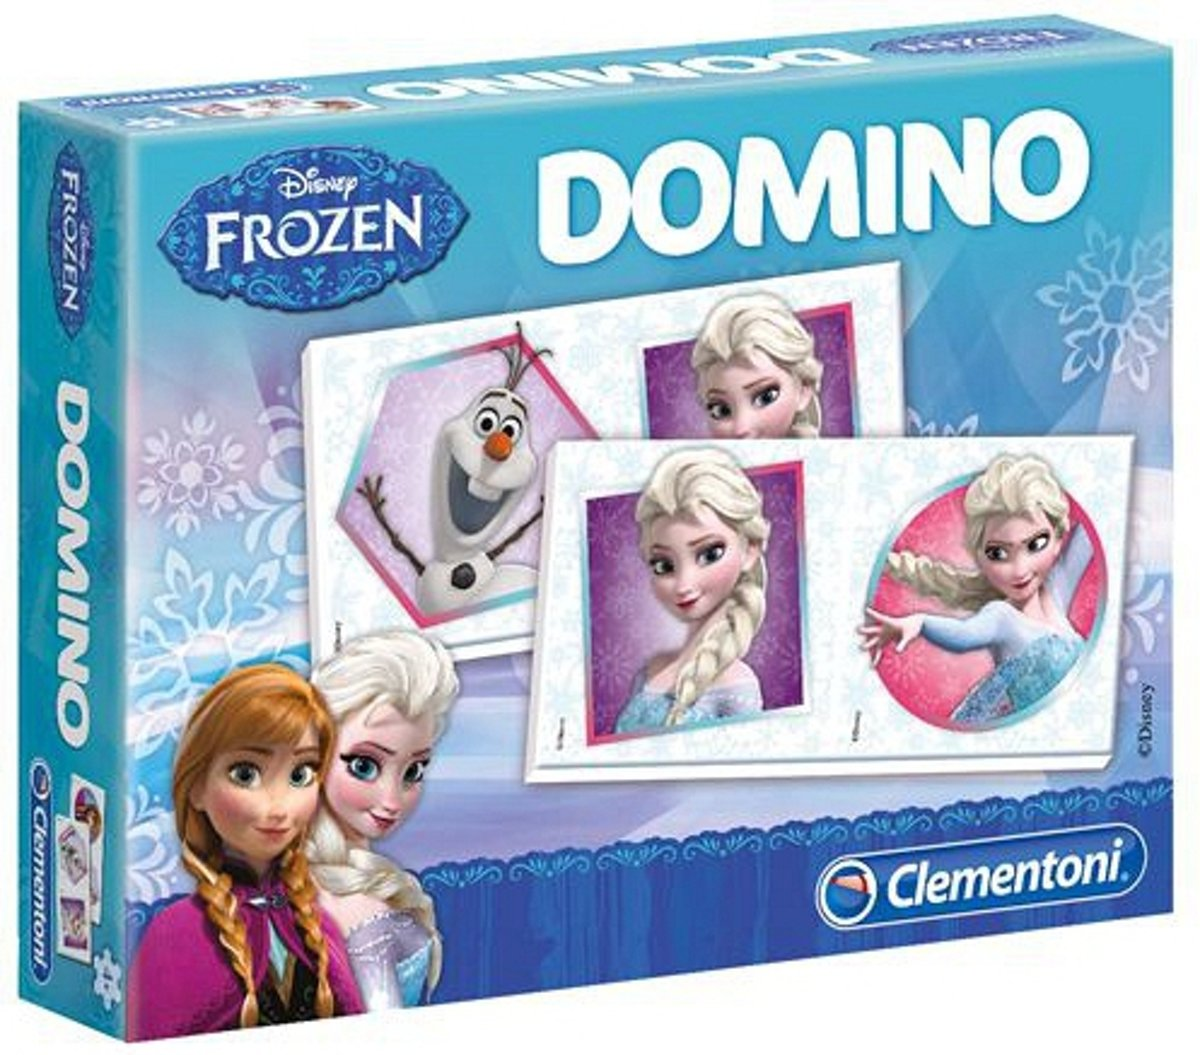 Frozen Domino